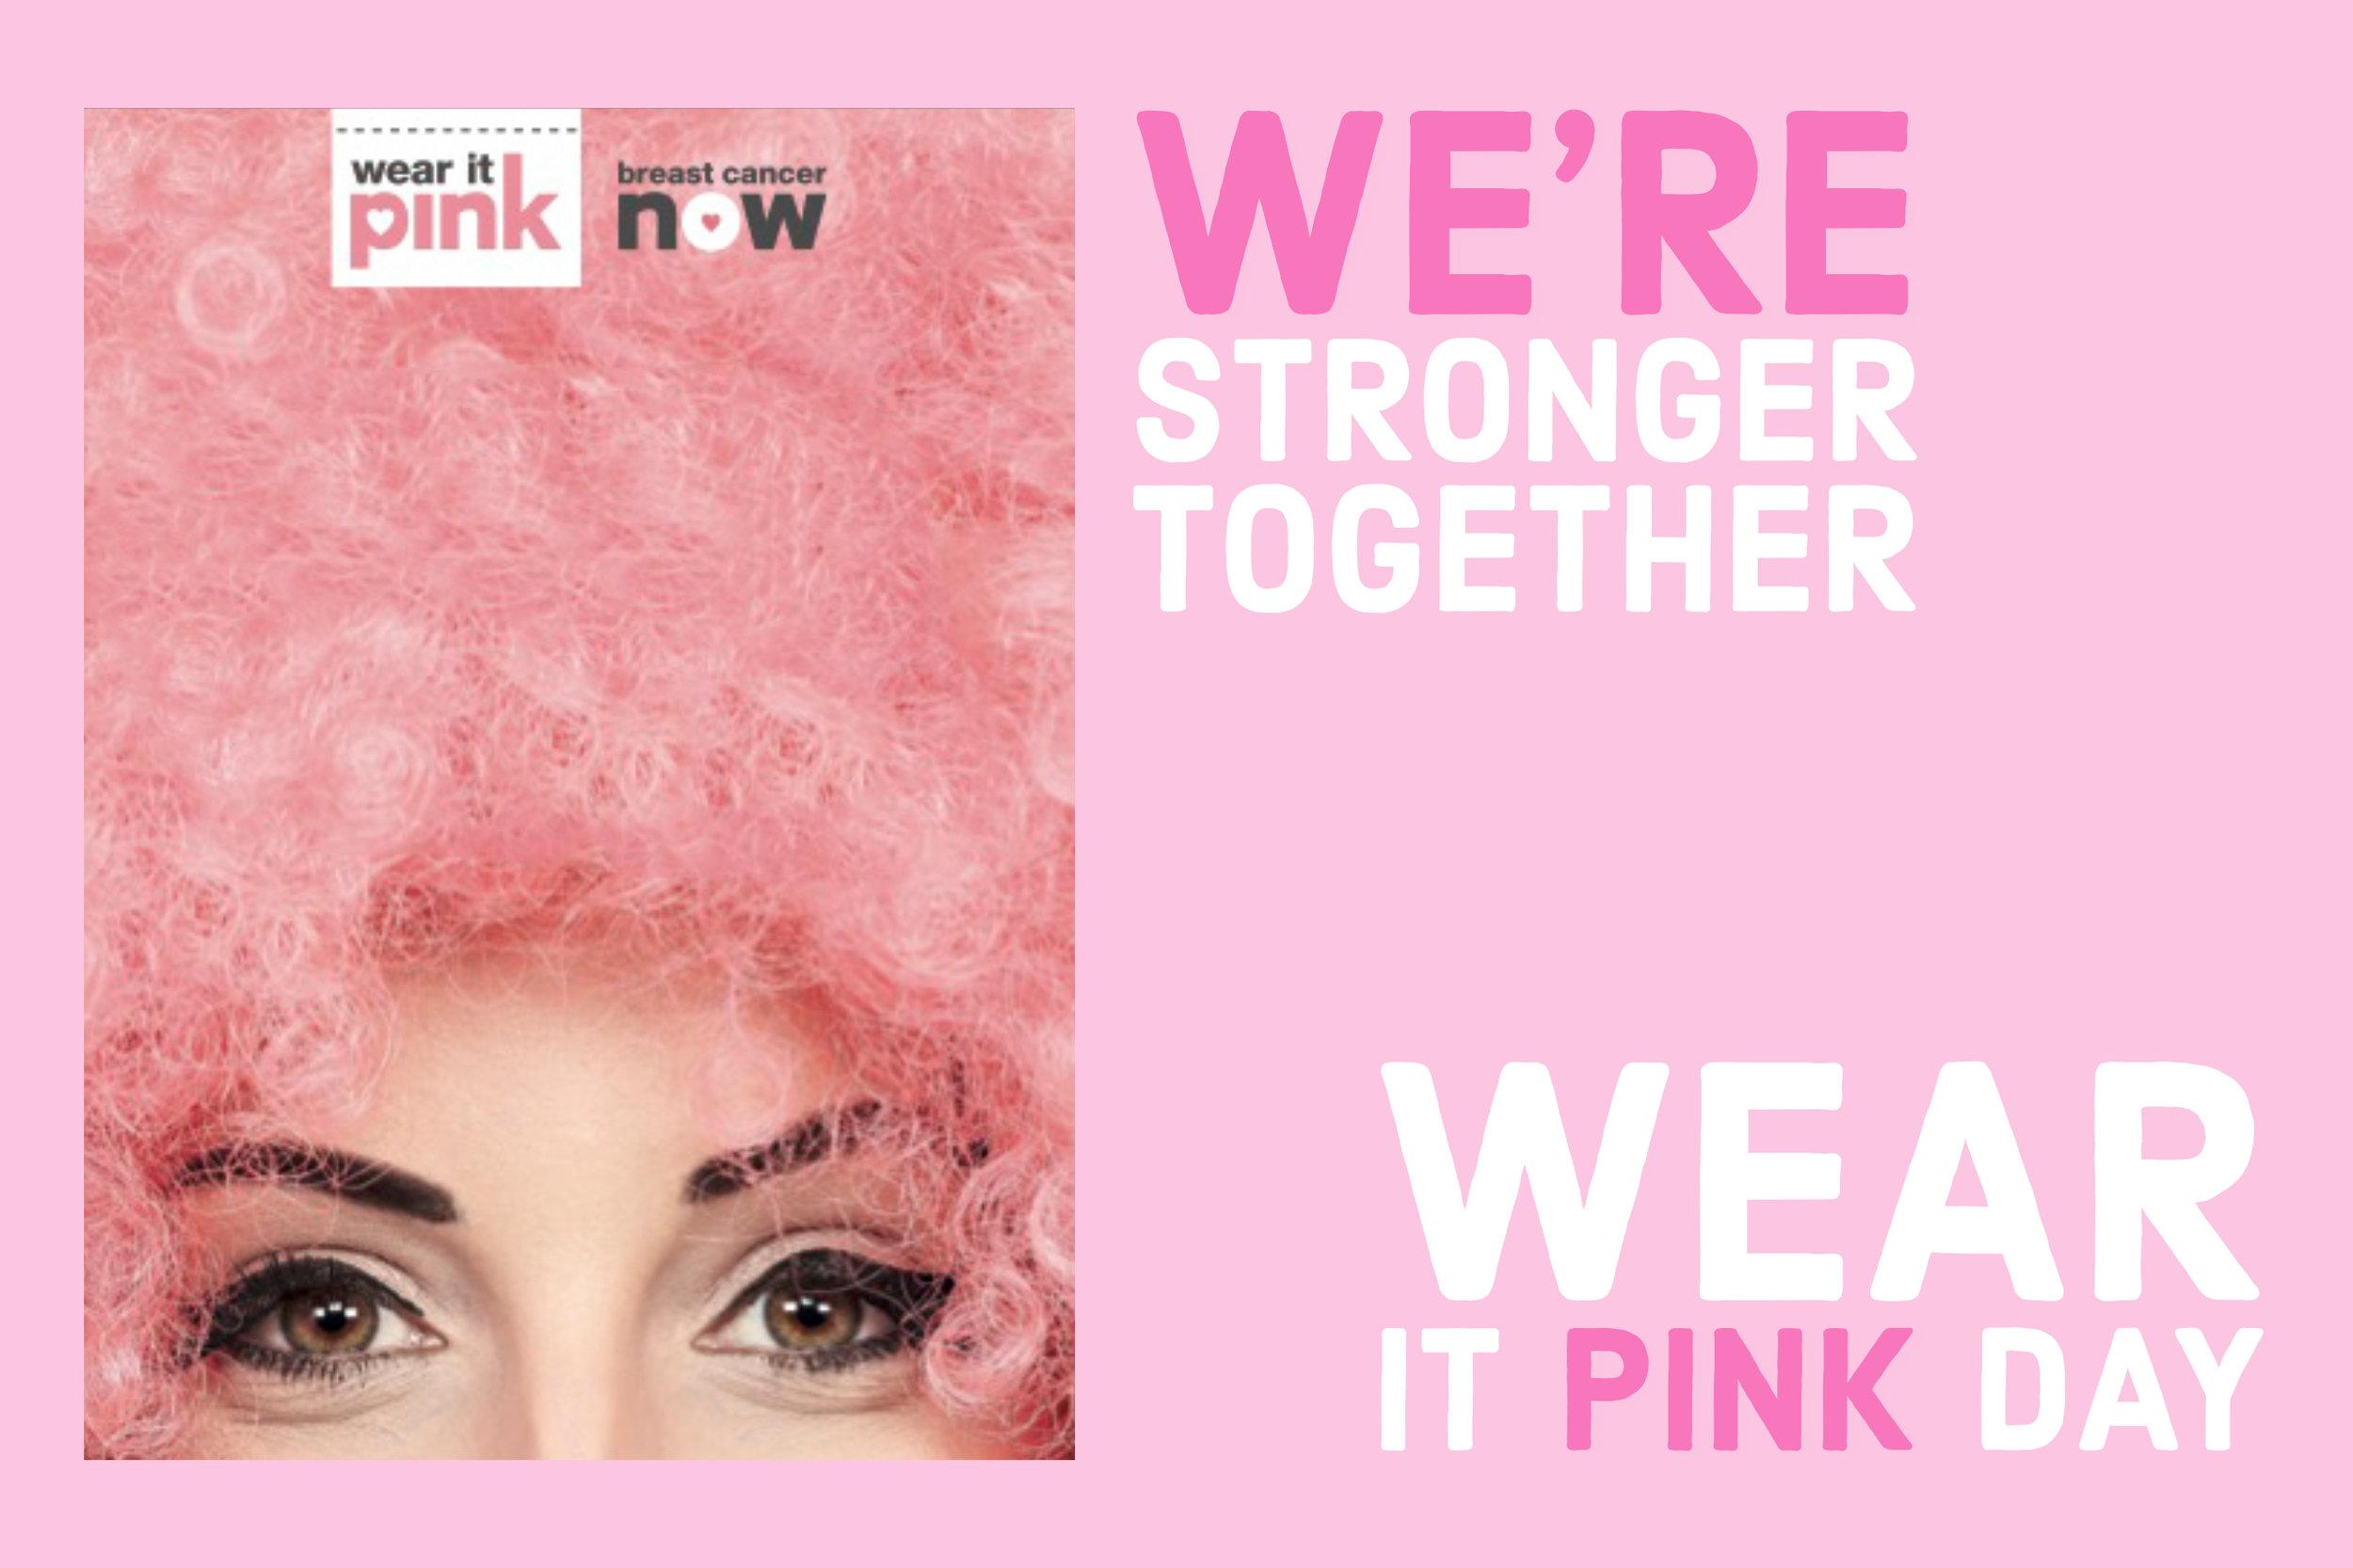 Wear It Pink Day Event in Wick Village Littlehampton.